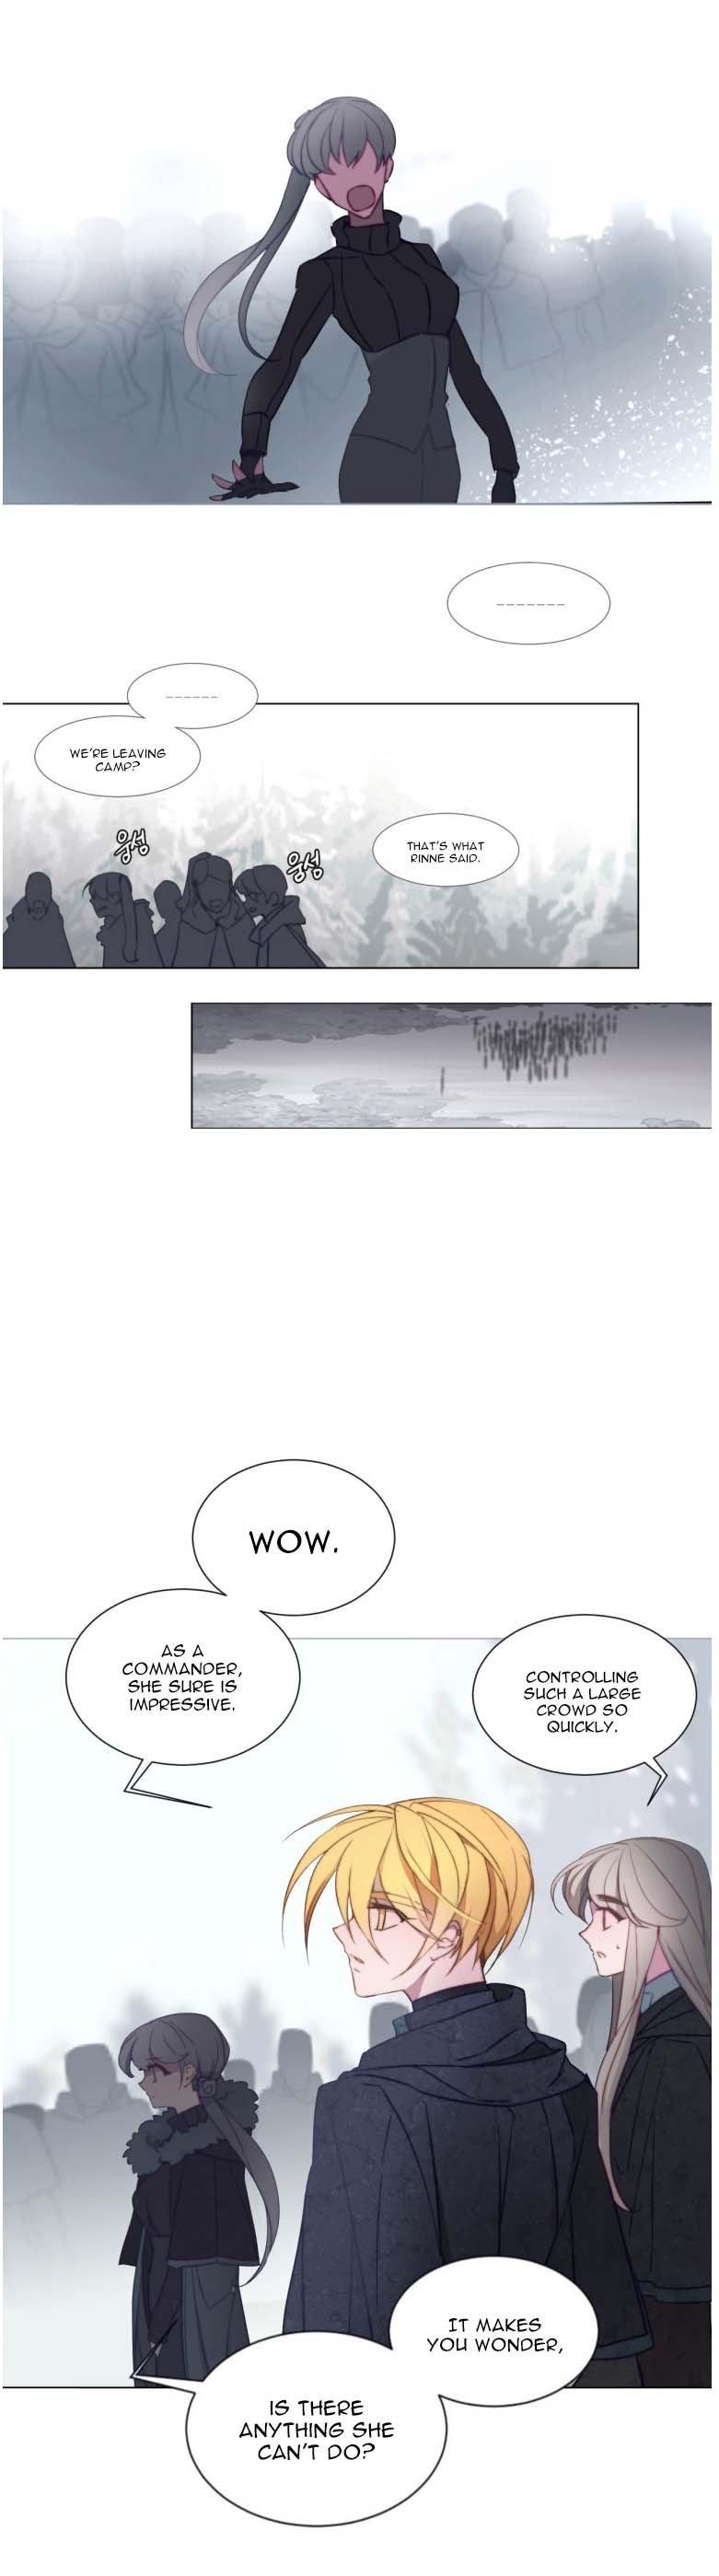 Manga Anz - Chapter 41 Page 9